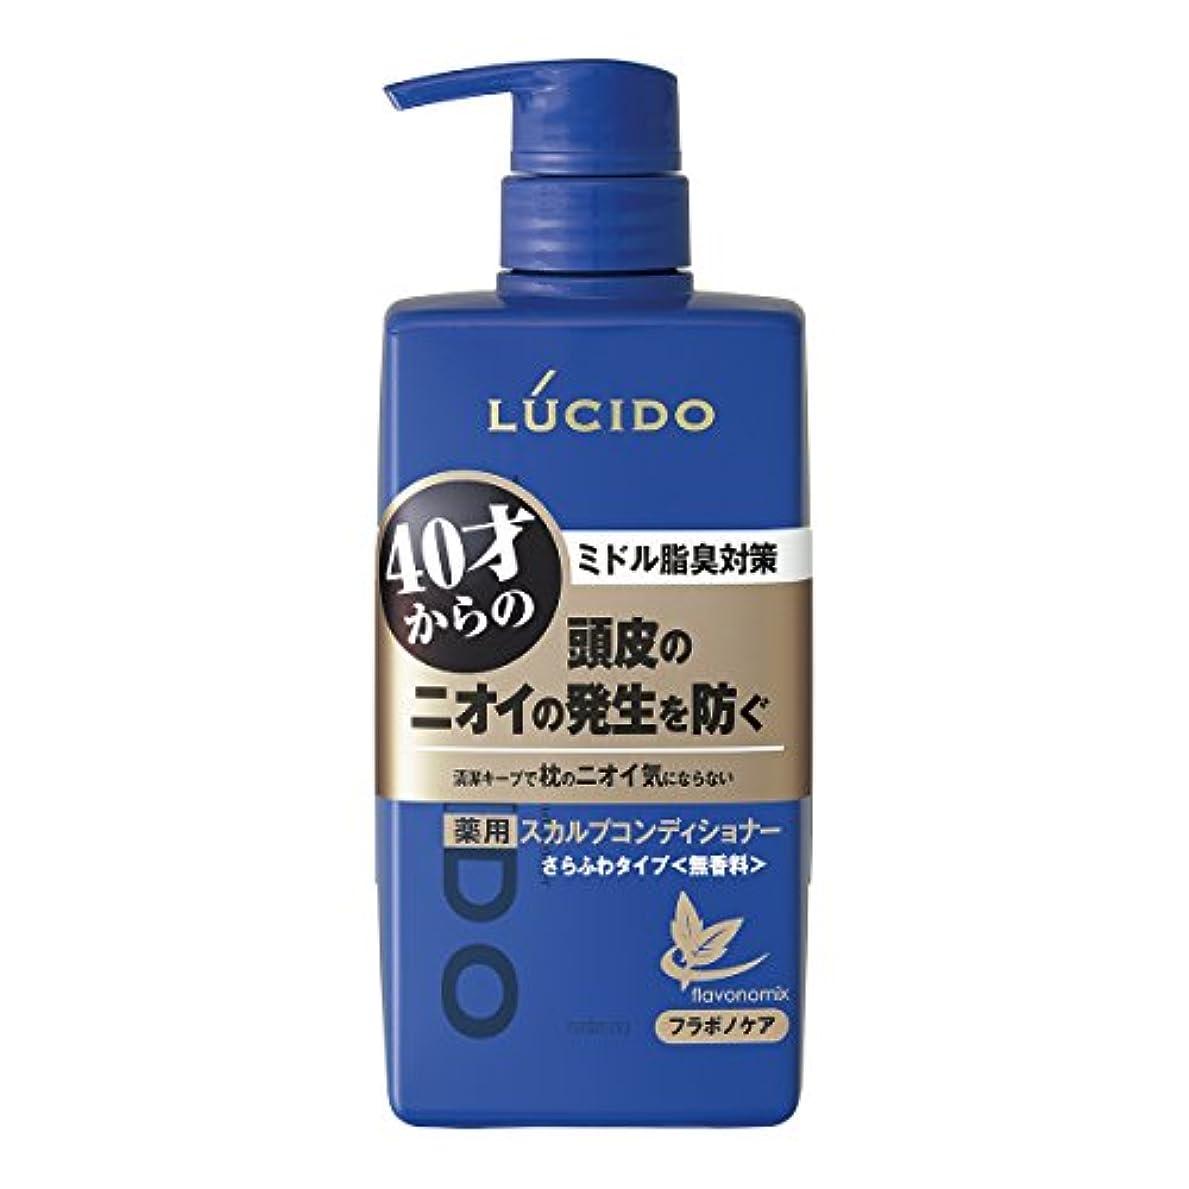 分析する哀不快なルシード 薬用ヘア&スカルプコンディショナー 450g(医薬部外品)